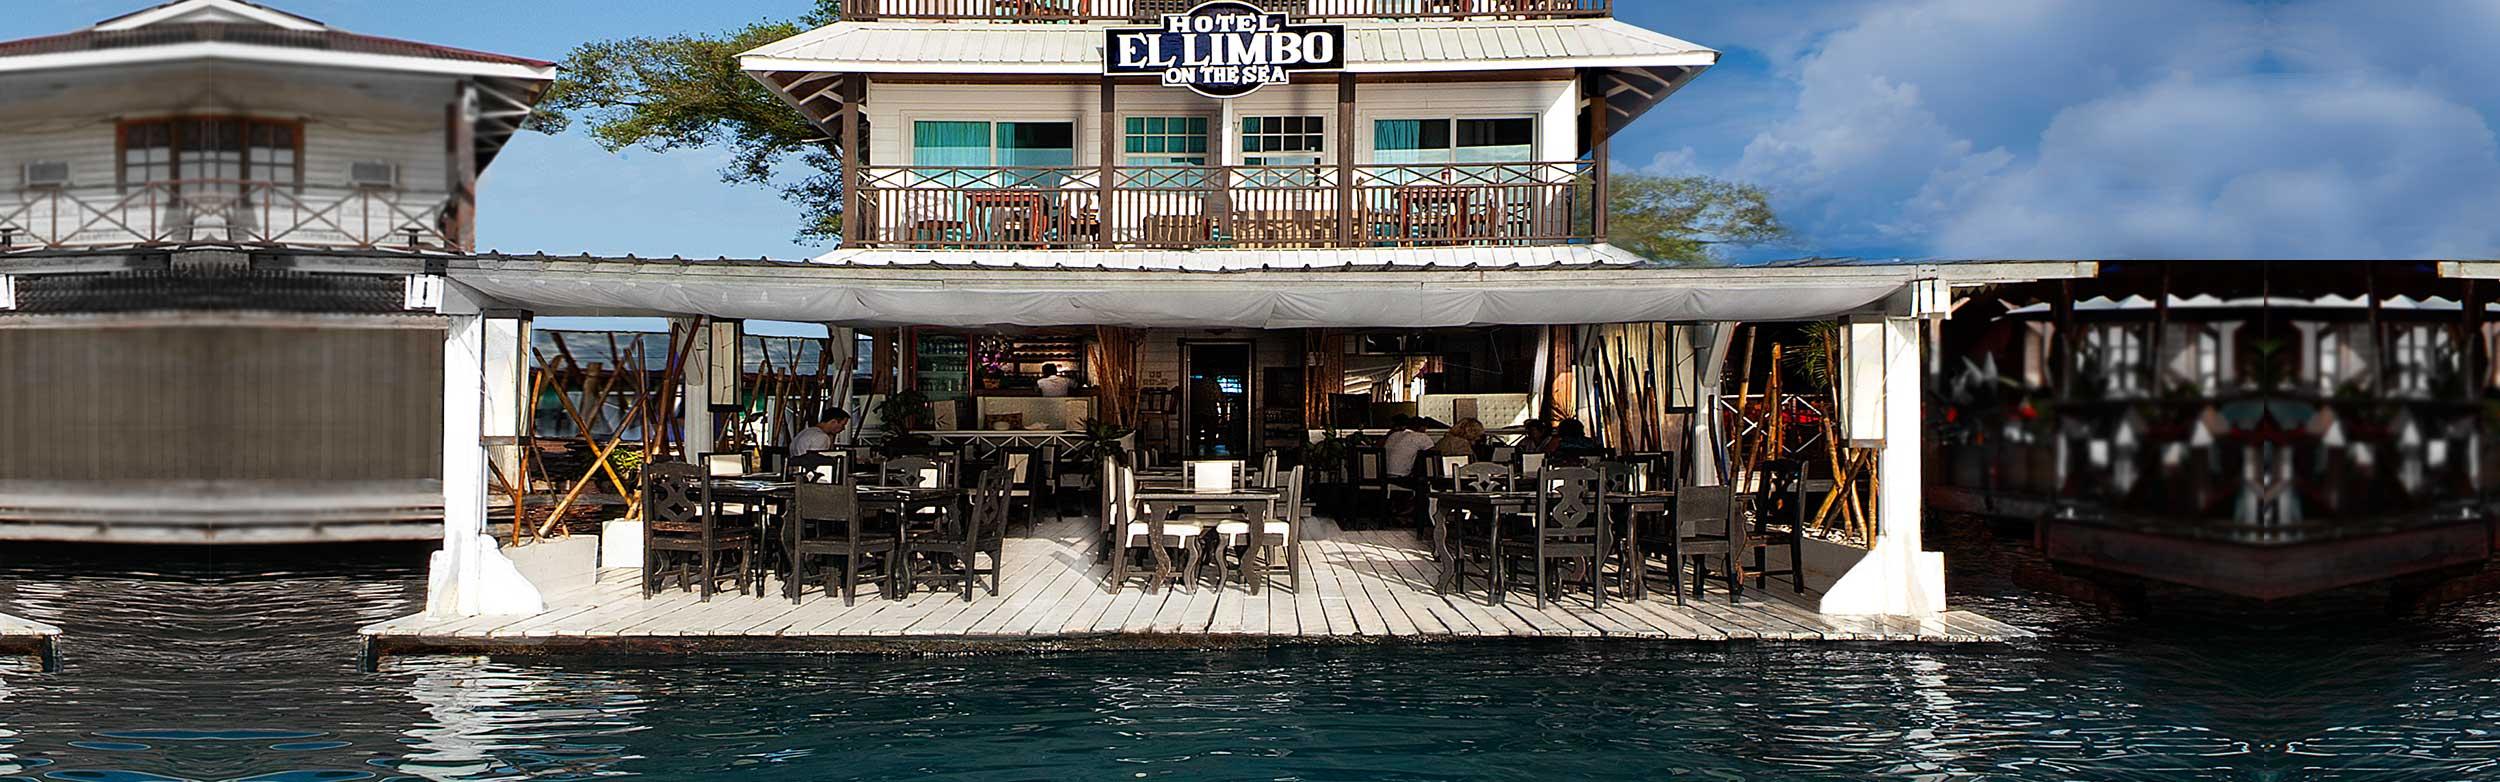 Hotel El Limbo on the Sea